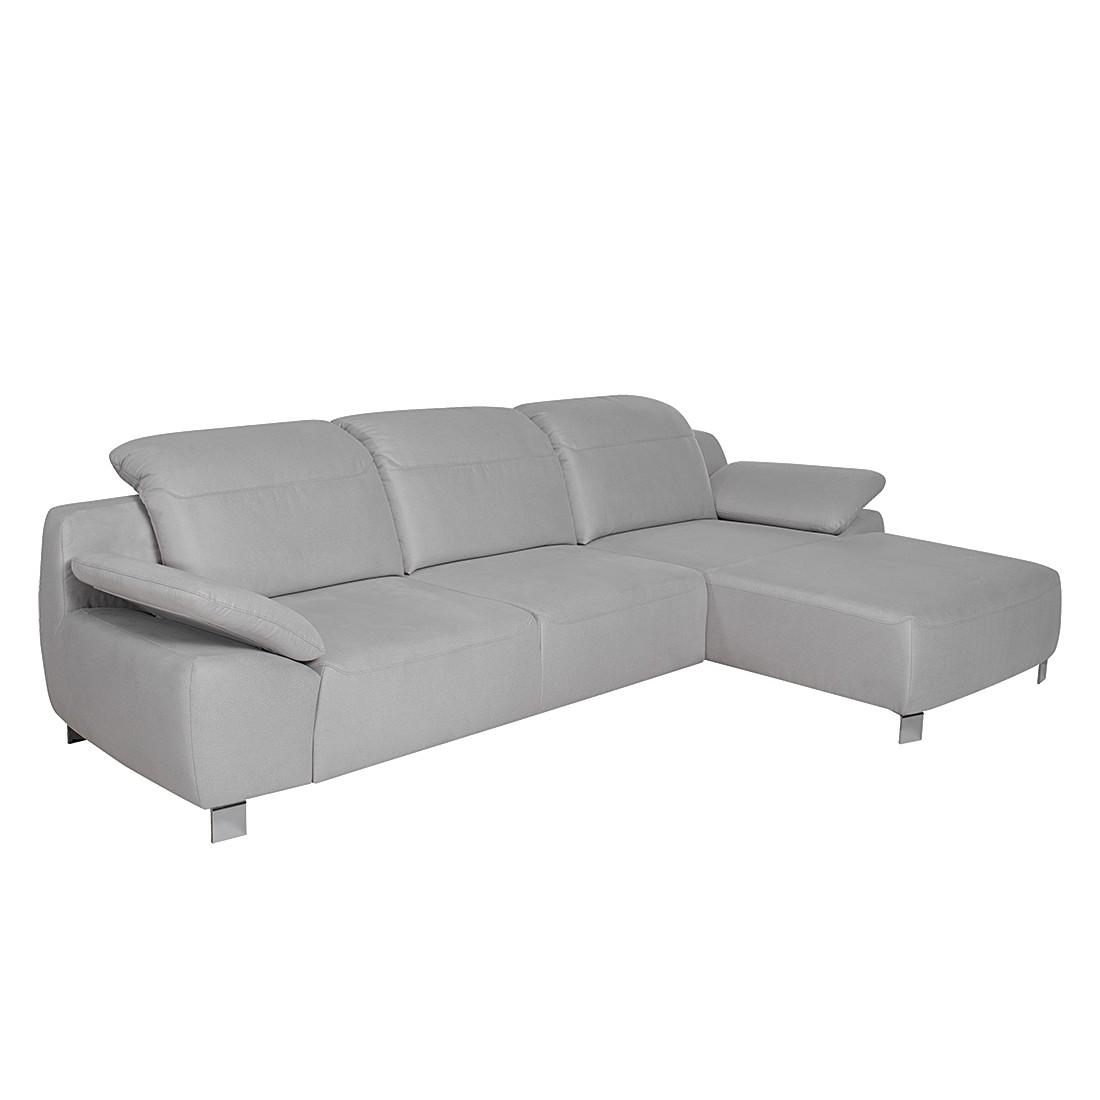 Ecksofa Radena – Microfaser Silber – Longchair davorstehend rechts – Sitzvorzug mit Sitztiefenverstellung, trendline by ADA jetzt bestellen